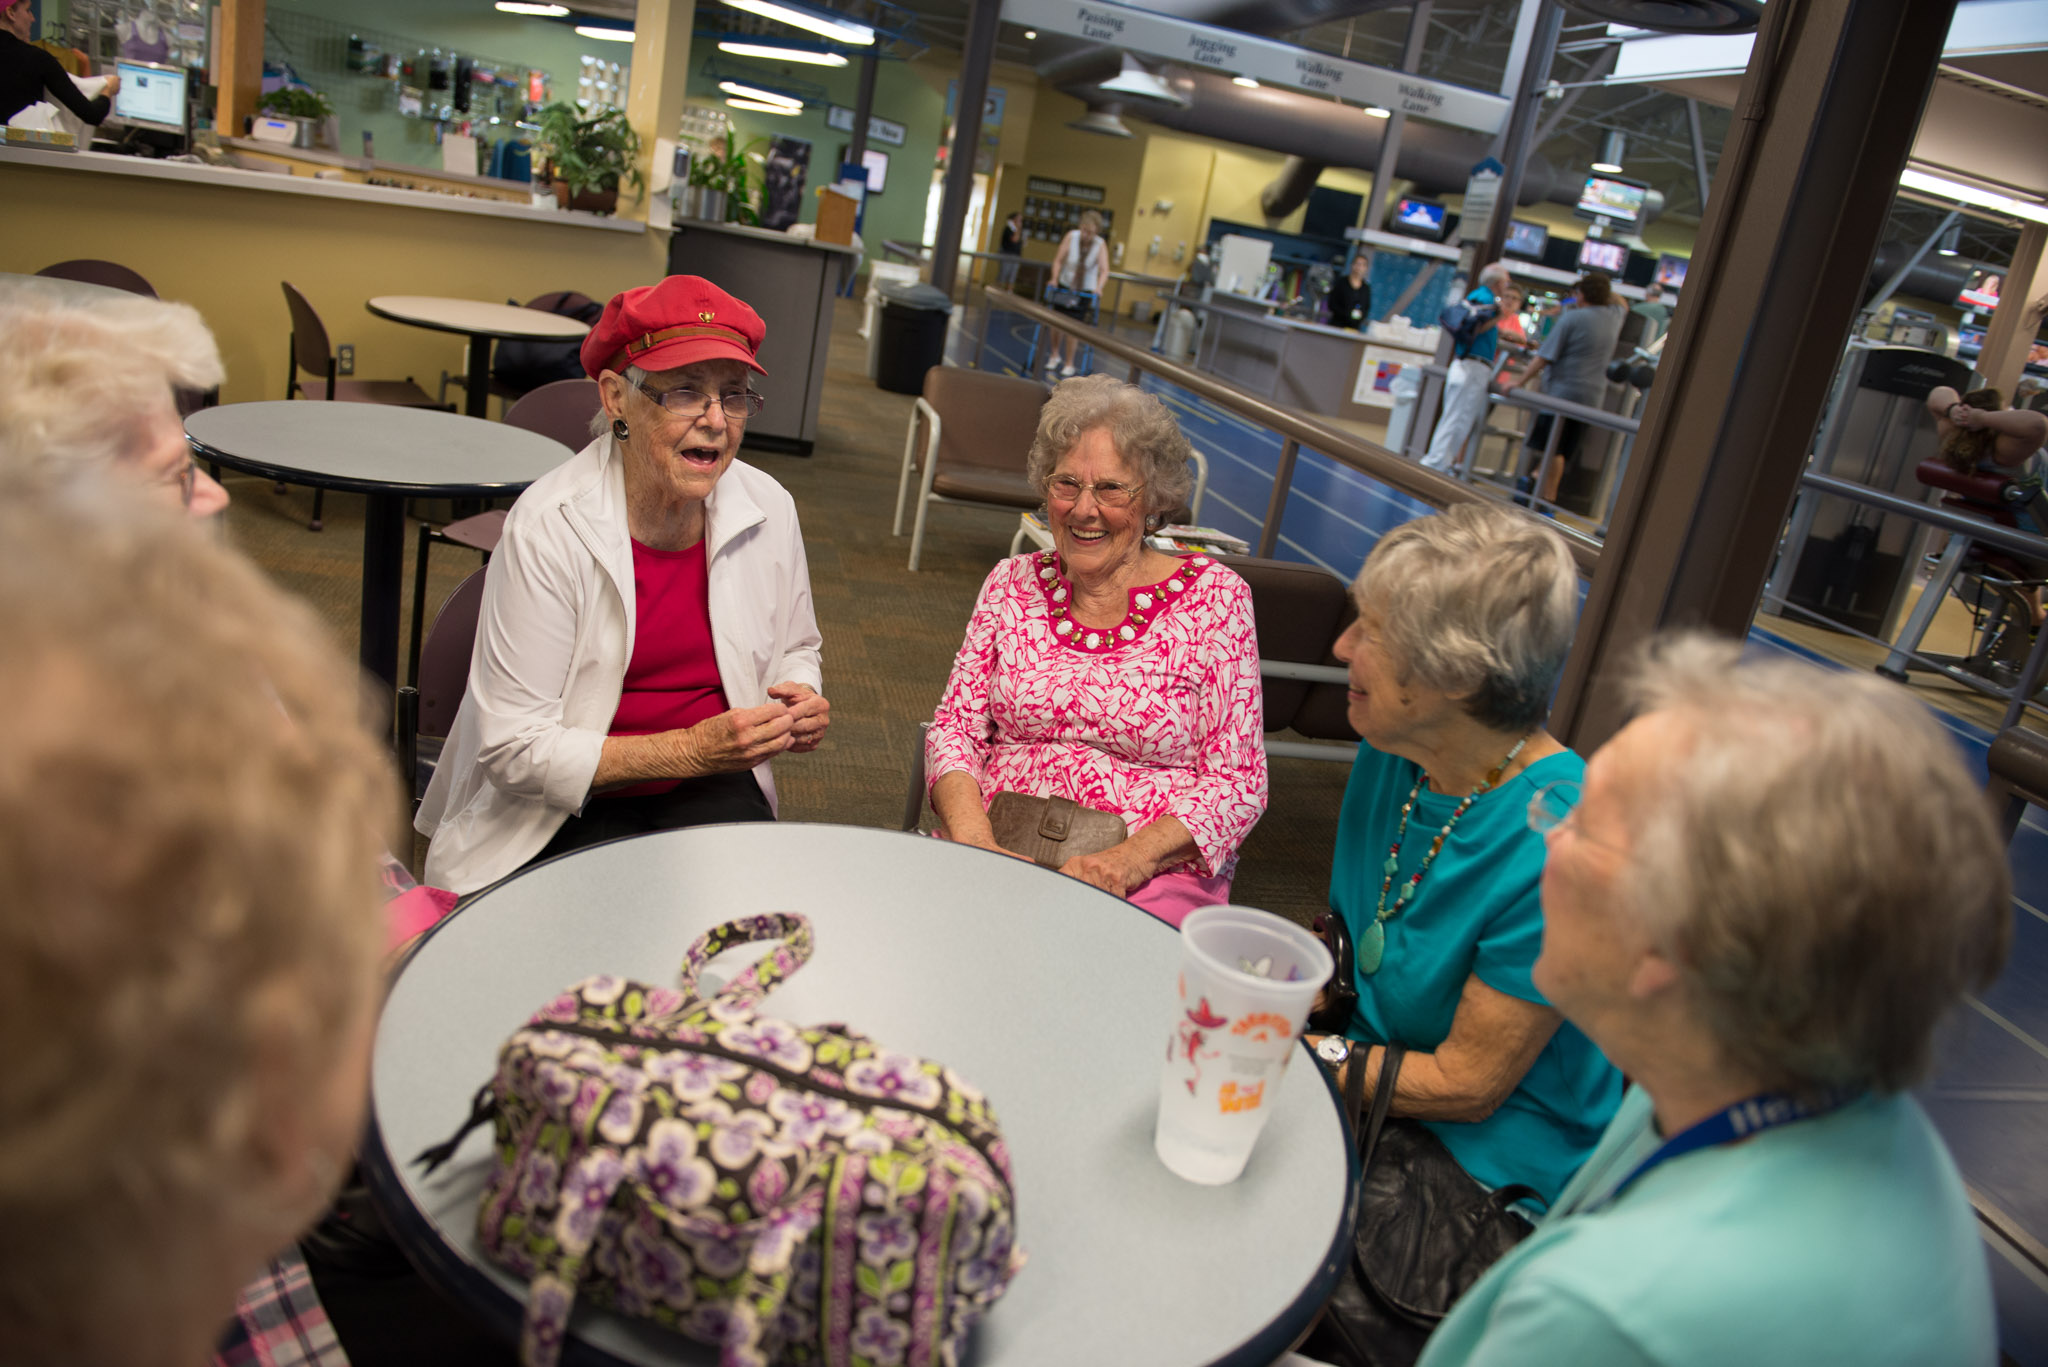 Wellness Center Stock Photos-1356.jpg